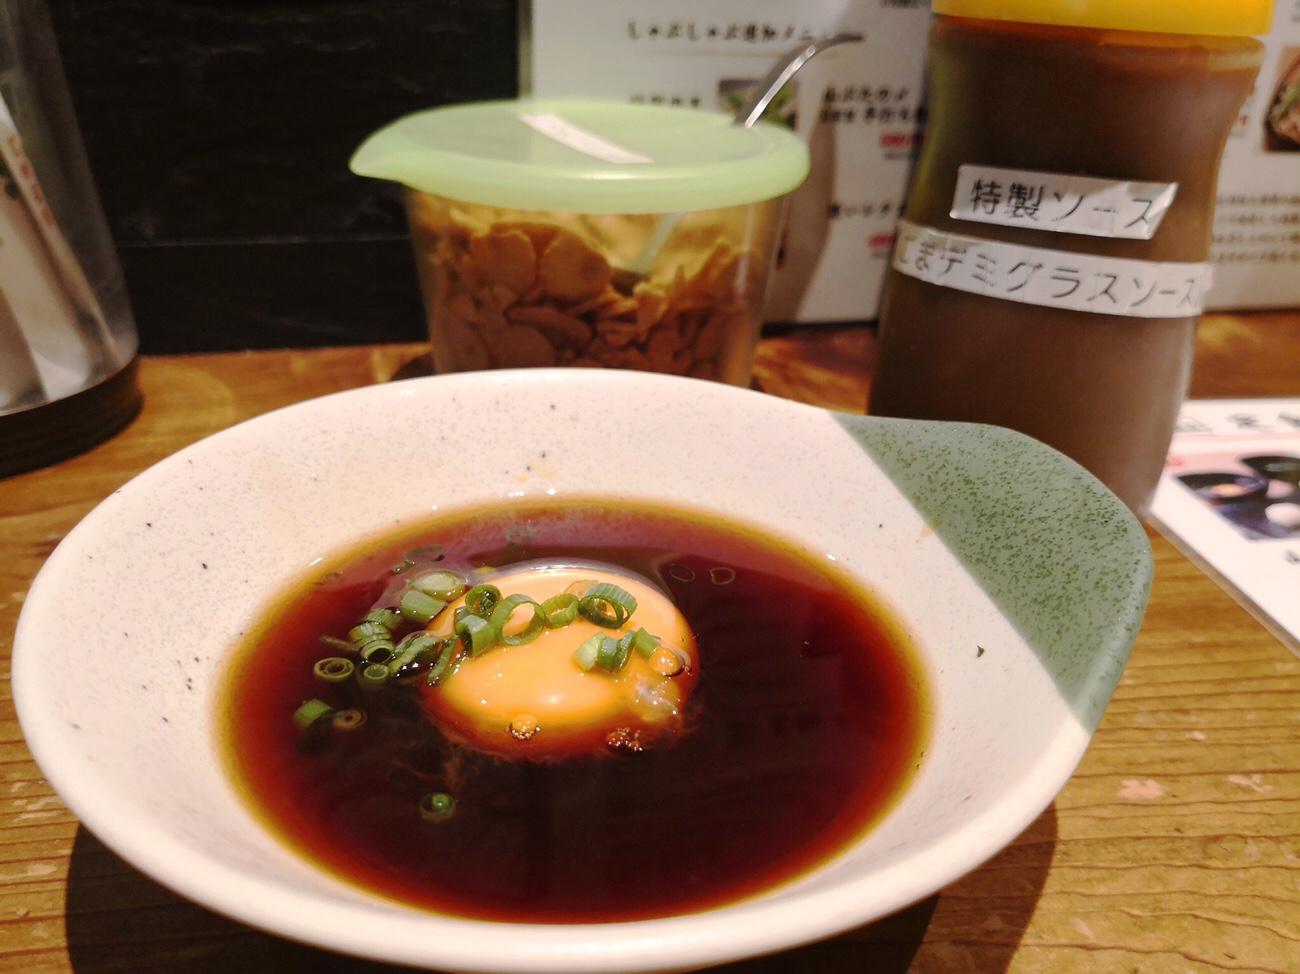 山ぶた ランチバラ焼き定食のタレ